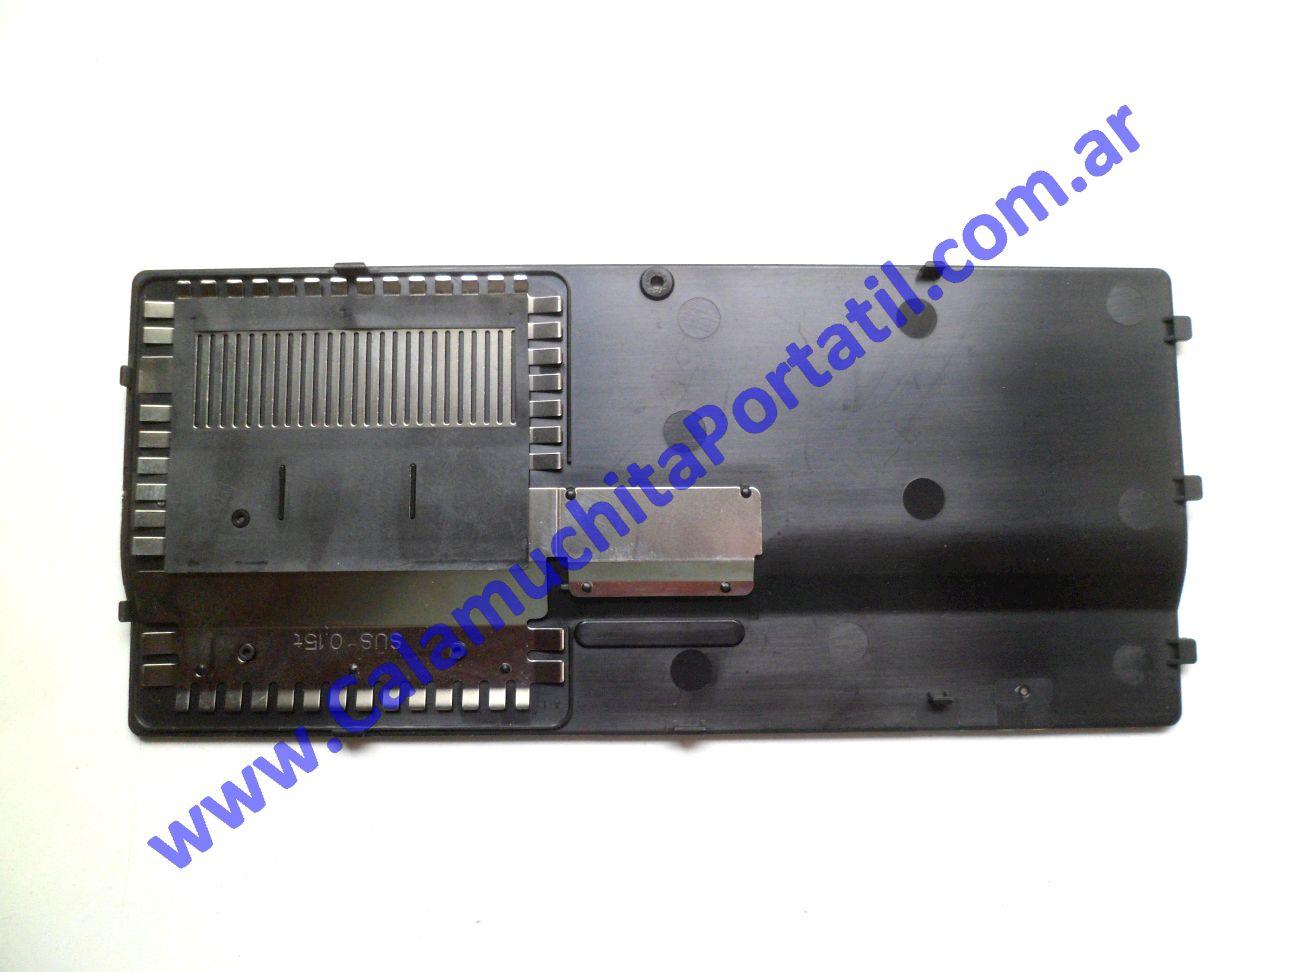 0569CTM Carcasas Tapa Memoria Sony Vaio VGN-NR220E / PCG-7113L